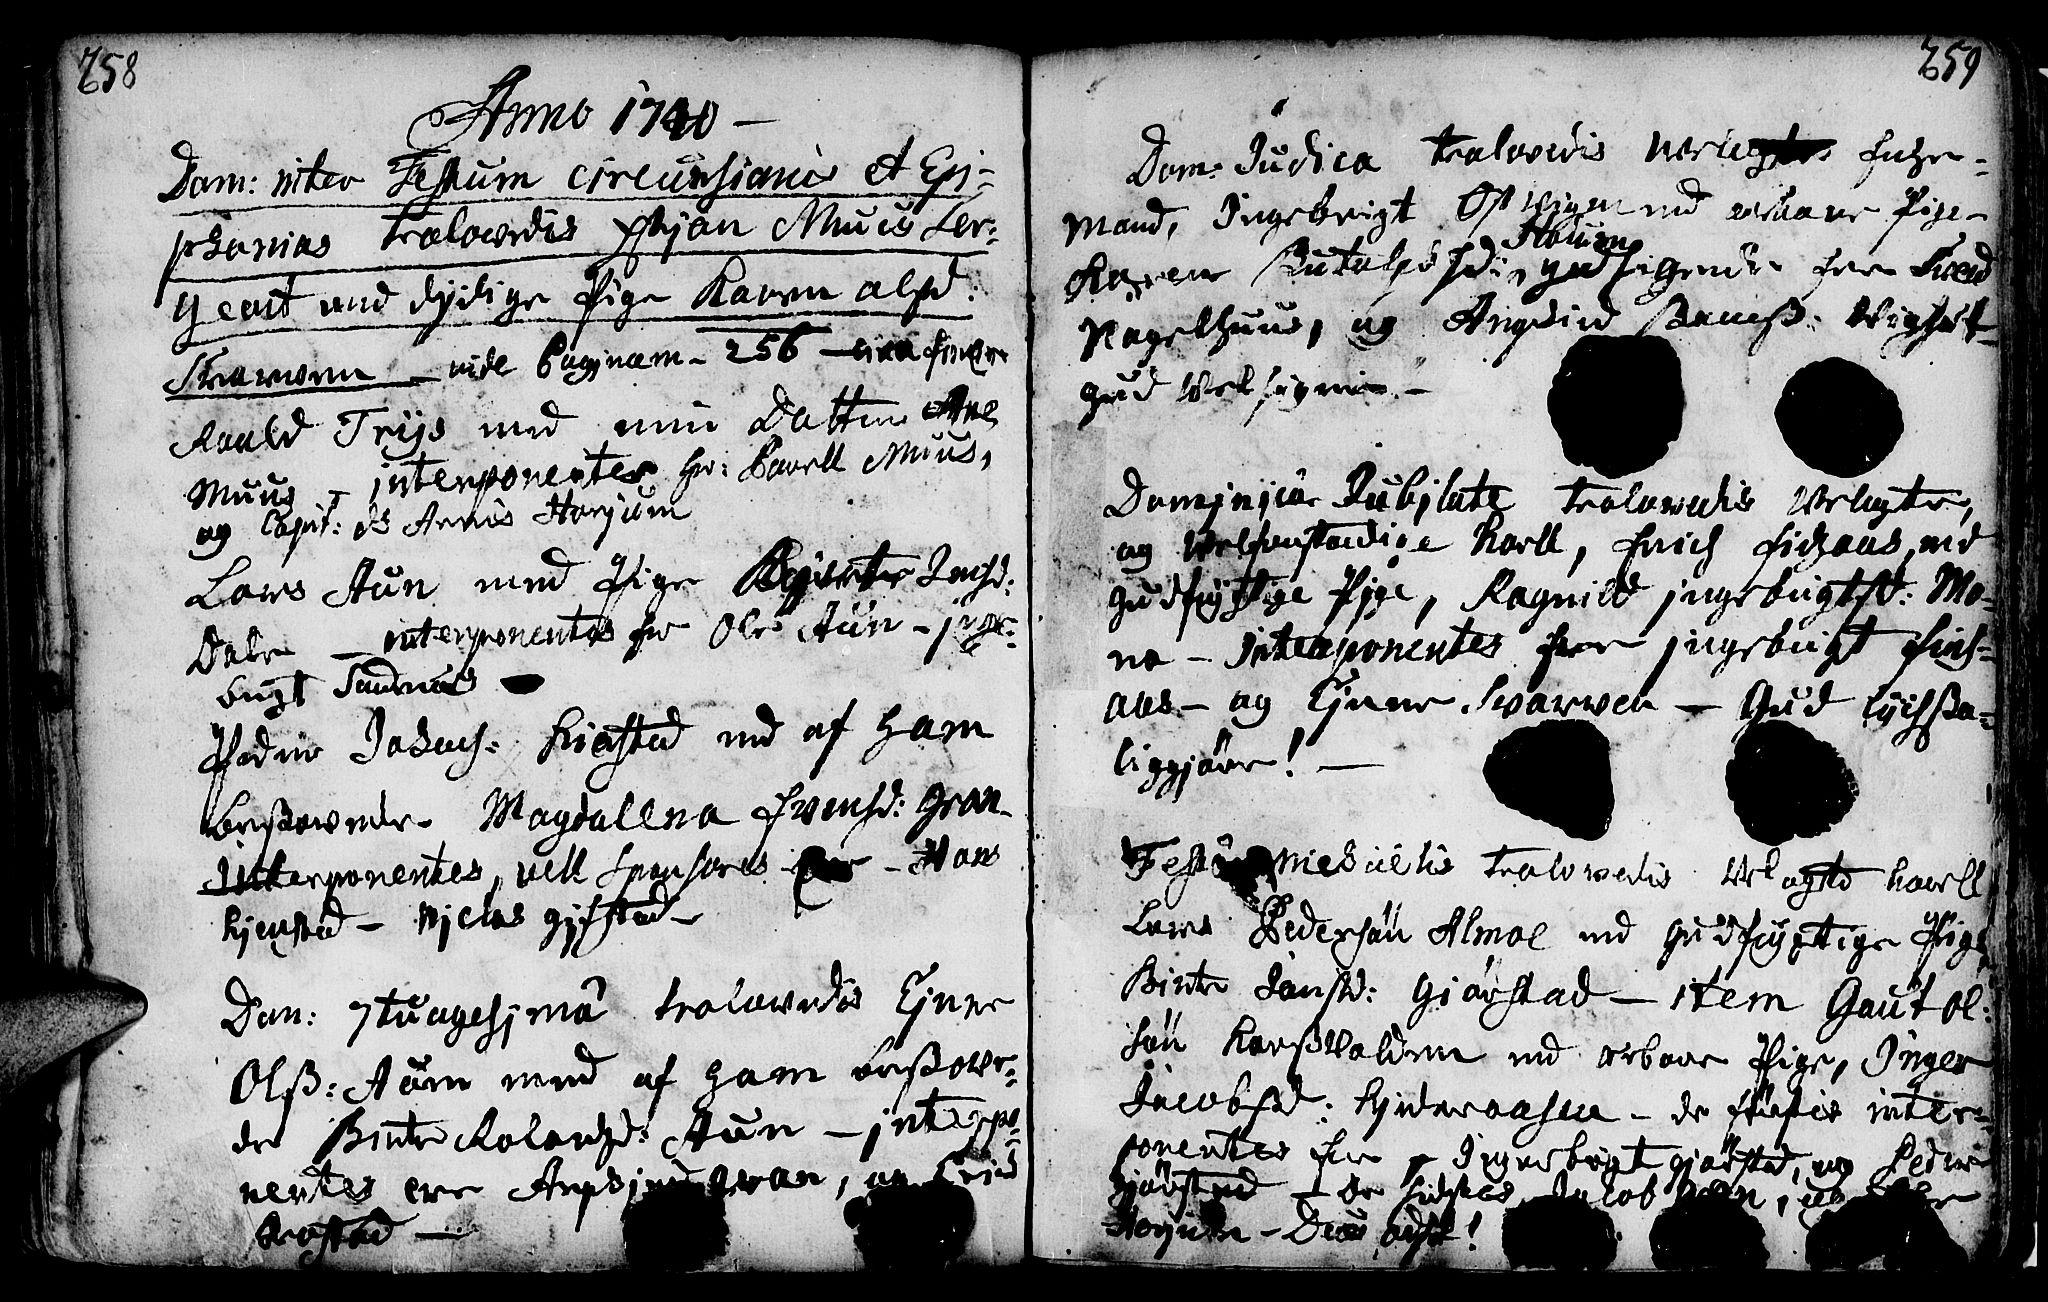 SAT, Ministerialprotokoller, klokkerbøker og fødselsregistre - Nord-Trøndelag, 749/L0467: Ministerialbok nr. 749A01, 1733-1787, s. 258-259